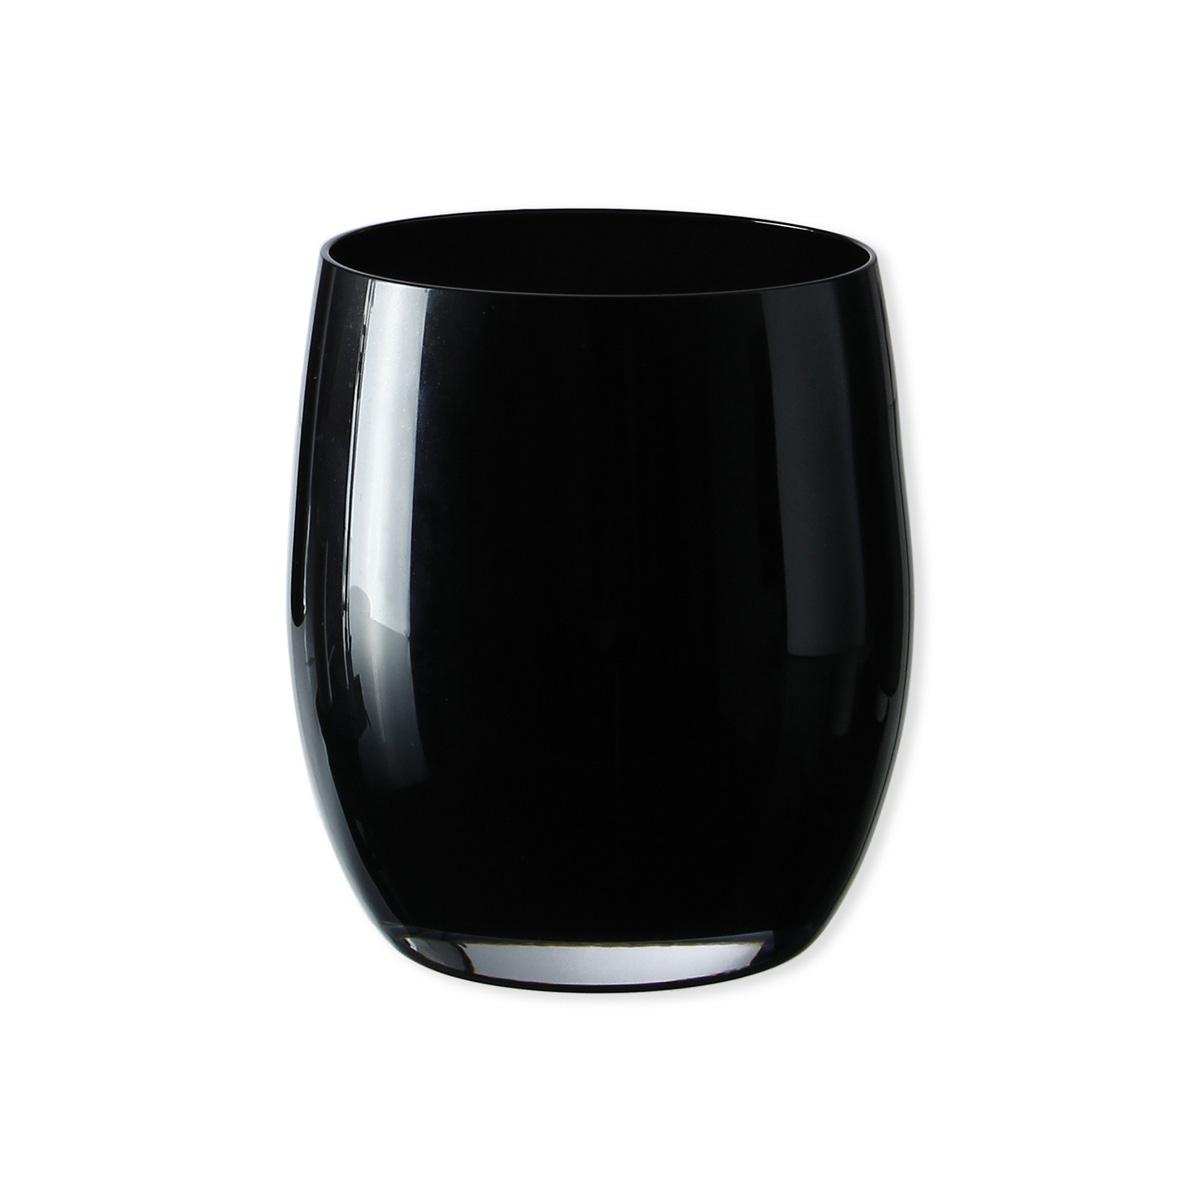 gobelet en verre color noir forme arrondie 33cl. Black Bedroom Furniture Sets. Home Design Ideas